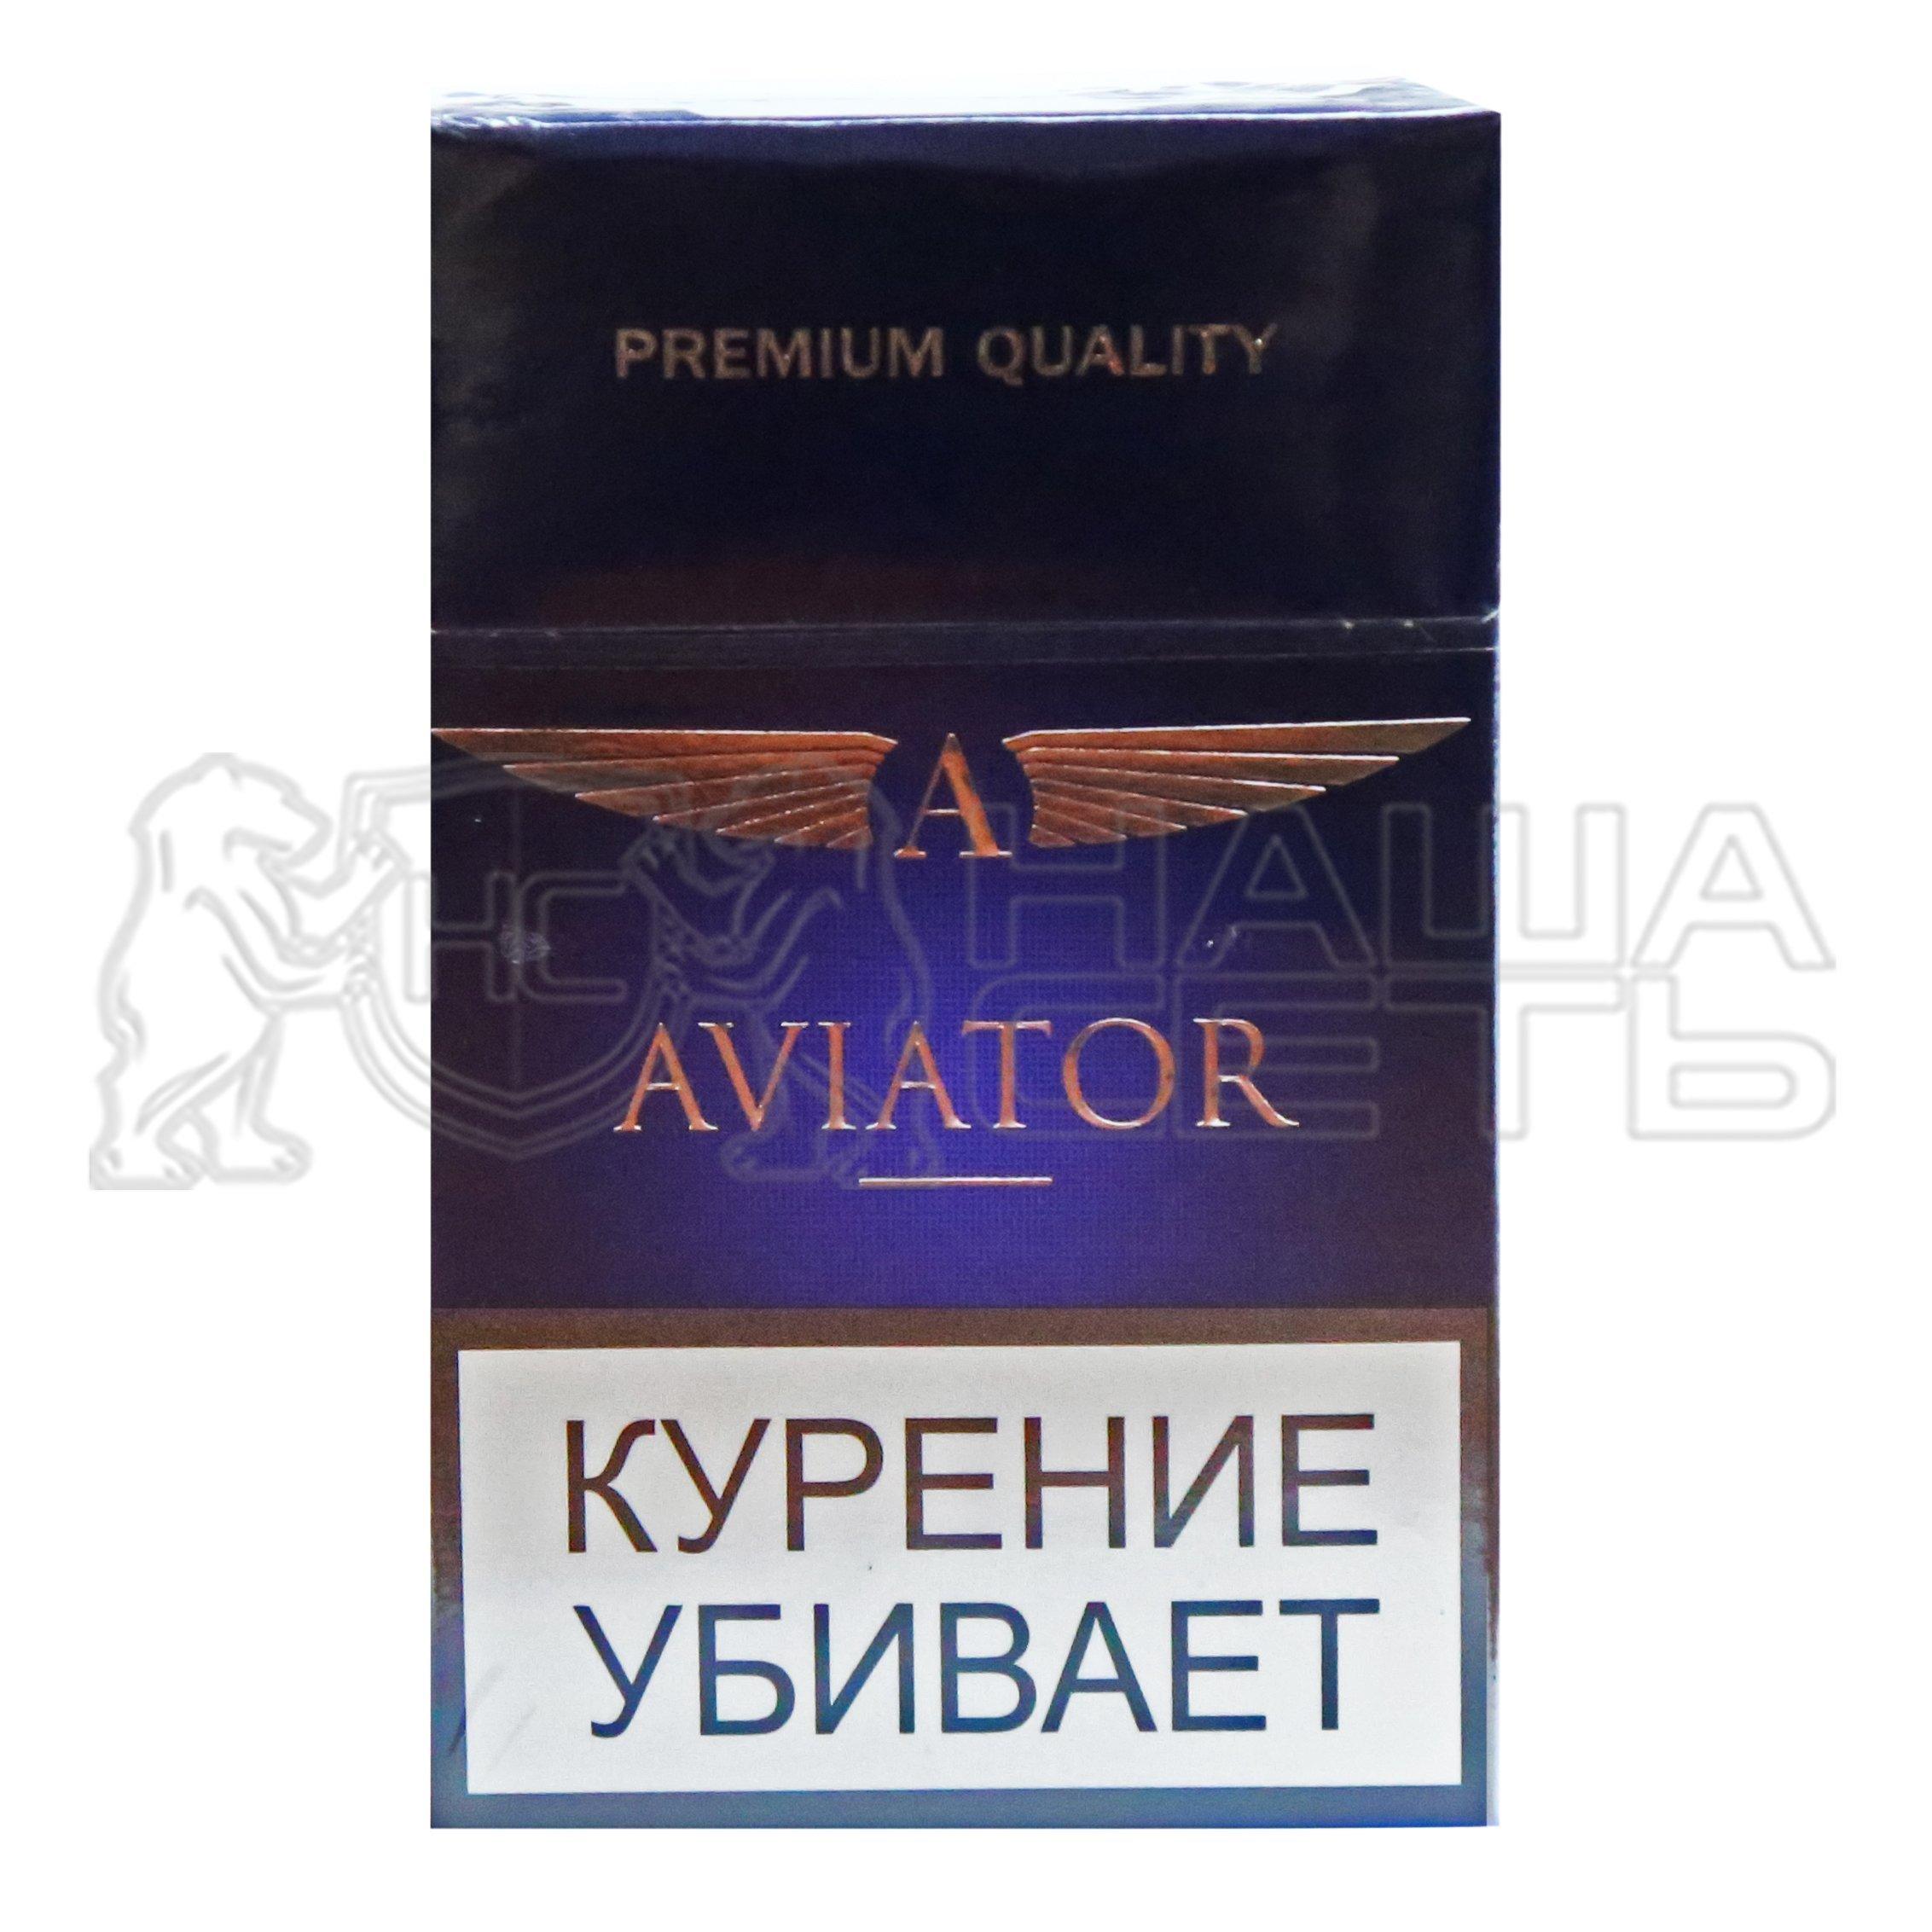 Сигареты ft синяя пачка купить хочу купить много сигарет